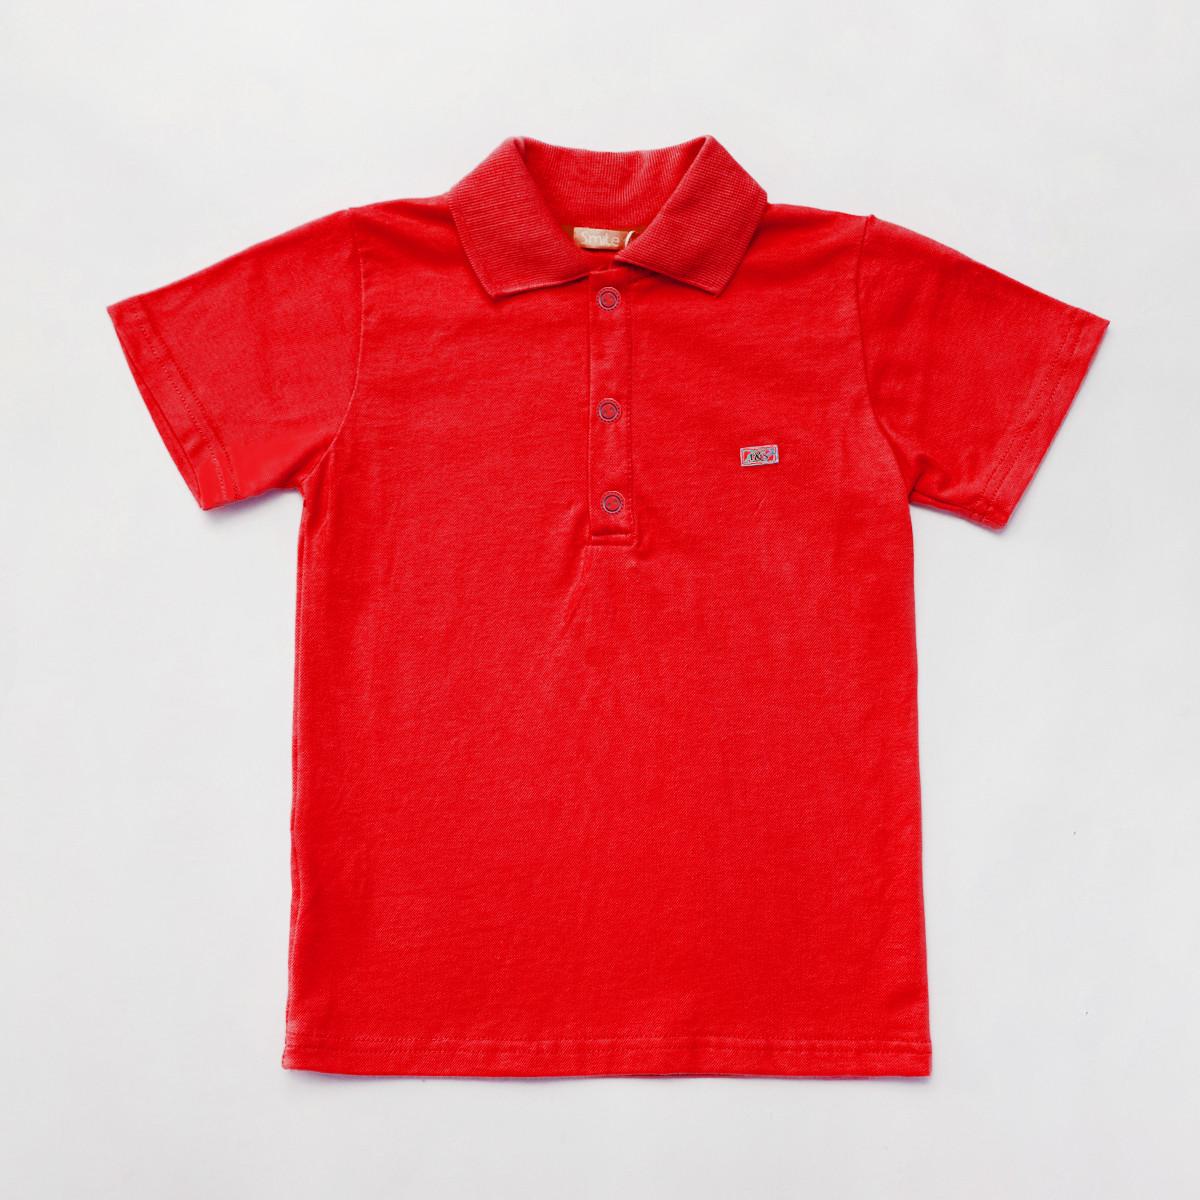 Яскрава дитяча теніска поло SmileTme дитяча для хлопчика Classic, червоний